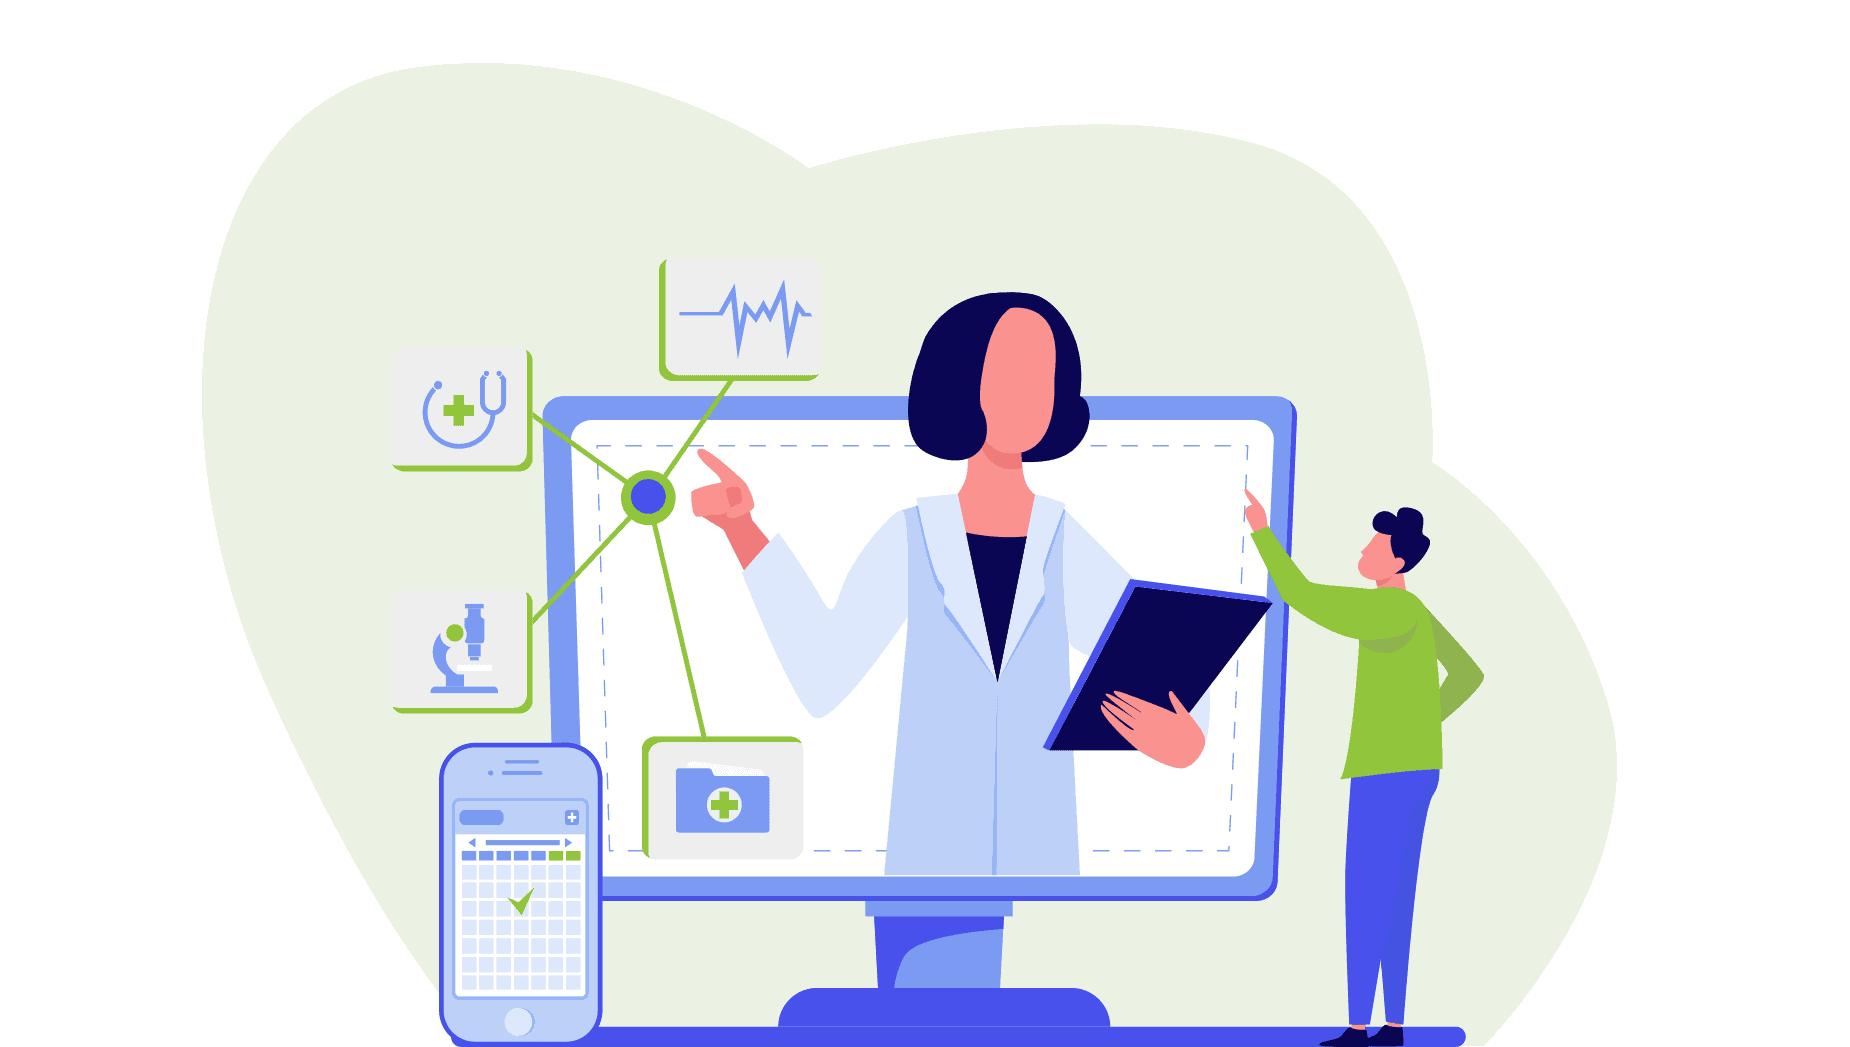 ¿Cómo implementar una plataforma de telemedicina en tu centro de salud?